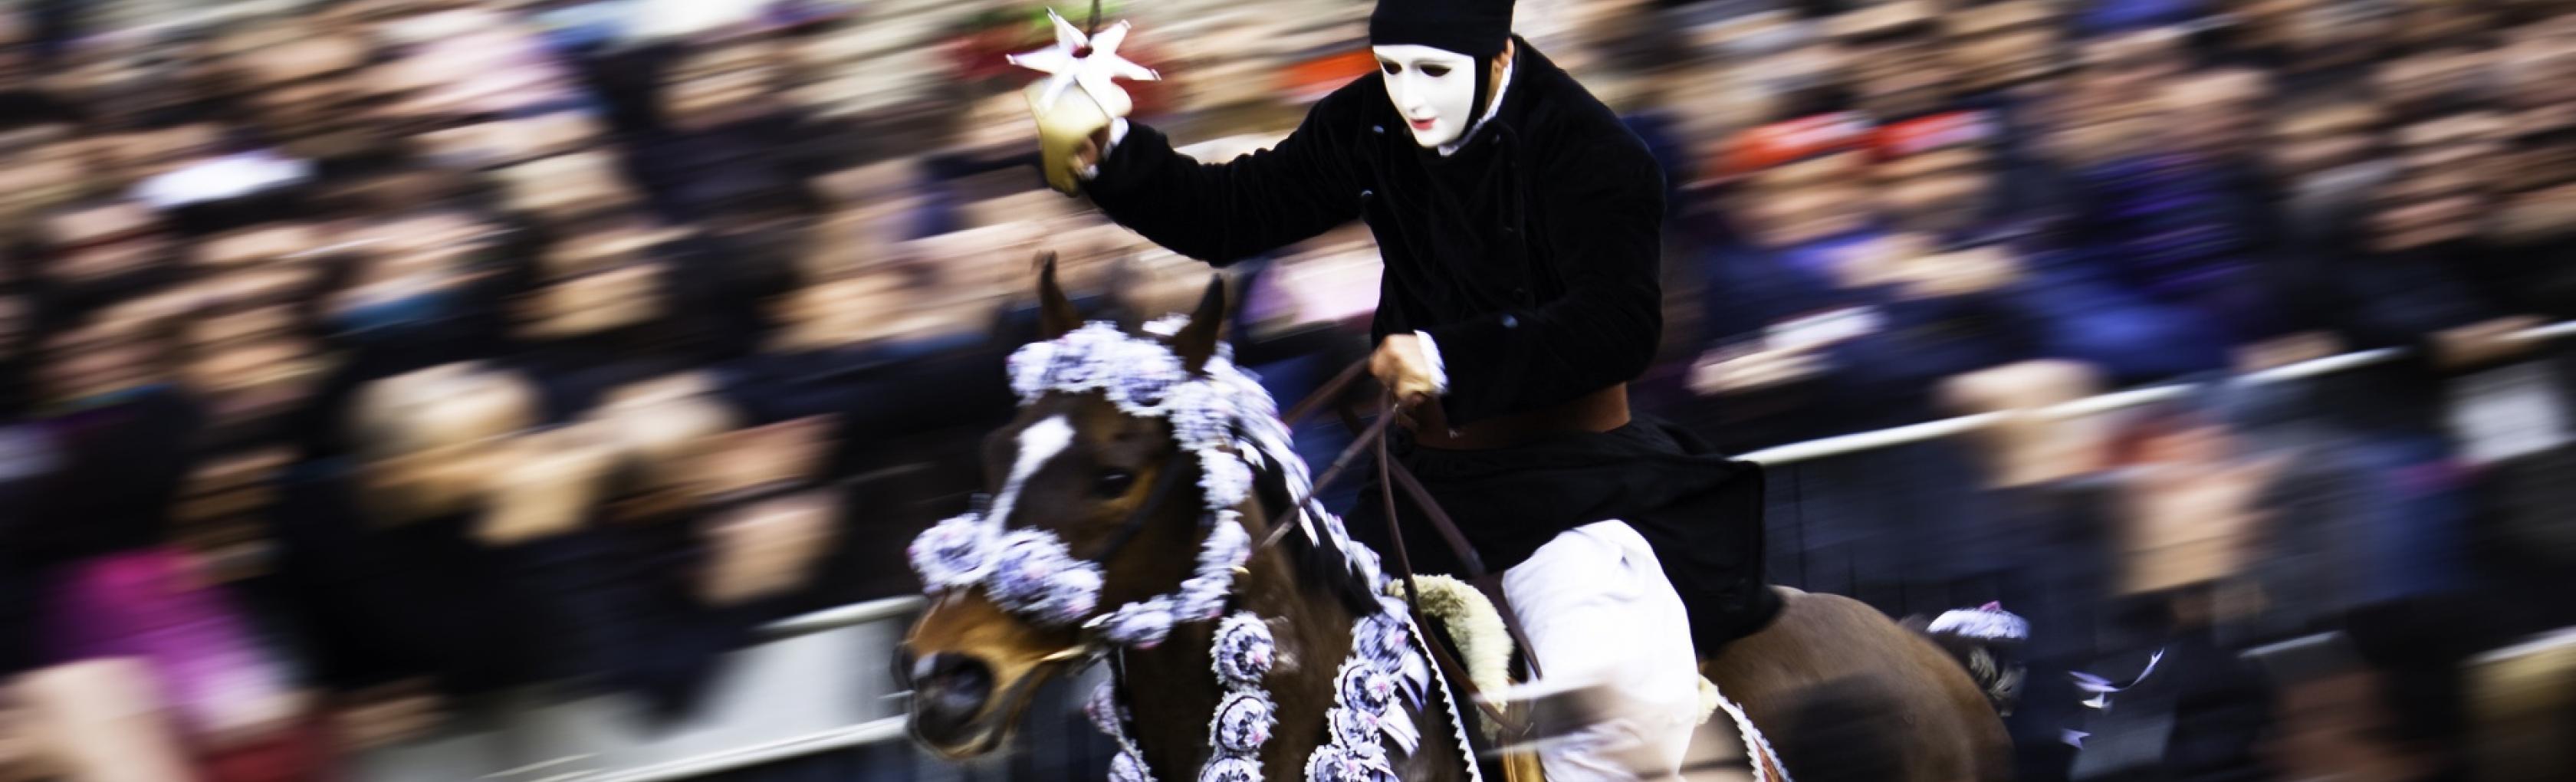 Tempo Eines Pferderennens